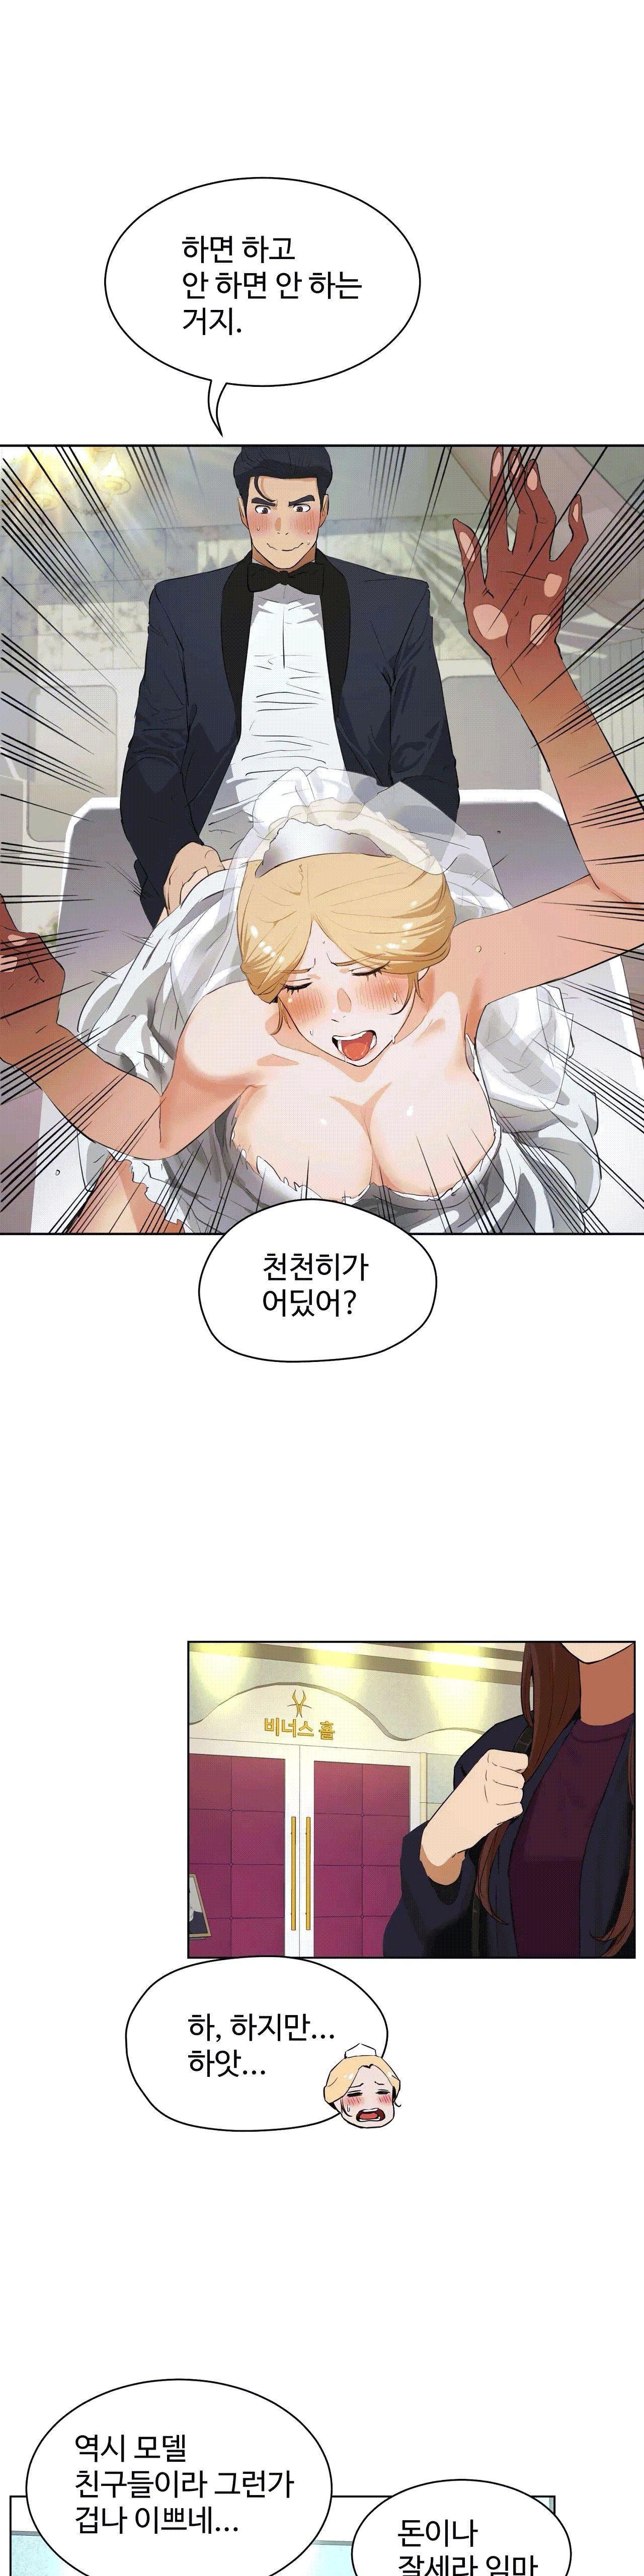 性教育 1-48.5 中文翻译(完結) 430